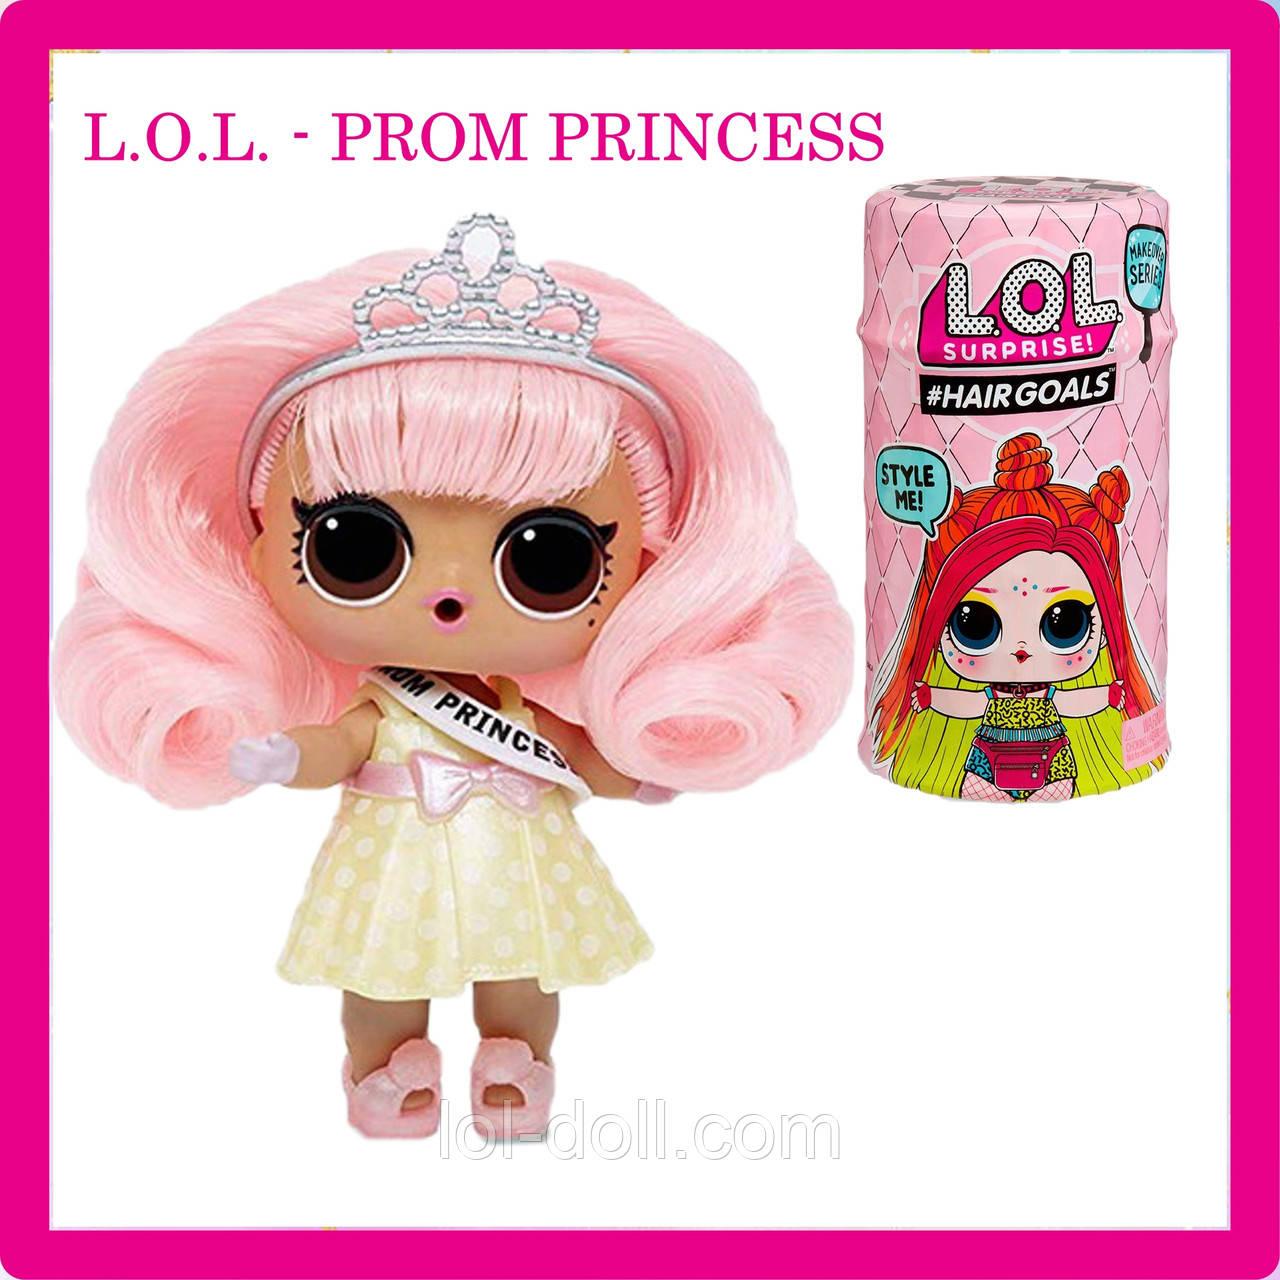 Кукла LOL Surprise 5 Серия Hairgoals PROM PRINCESS - Лол Сюрприз Оригинал